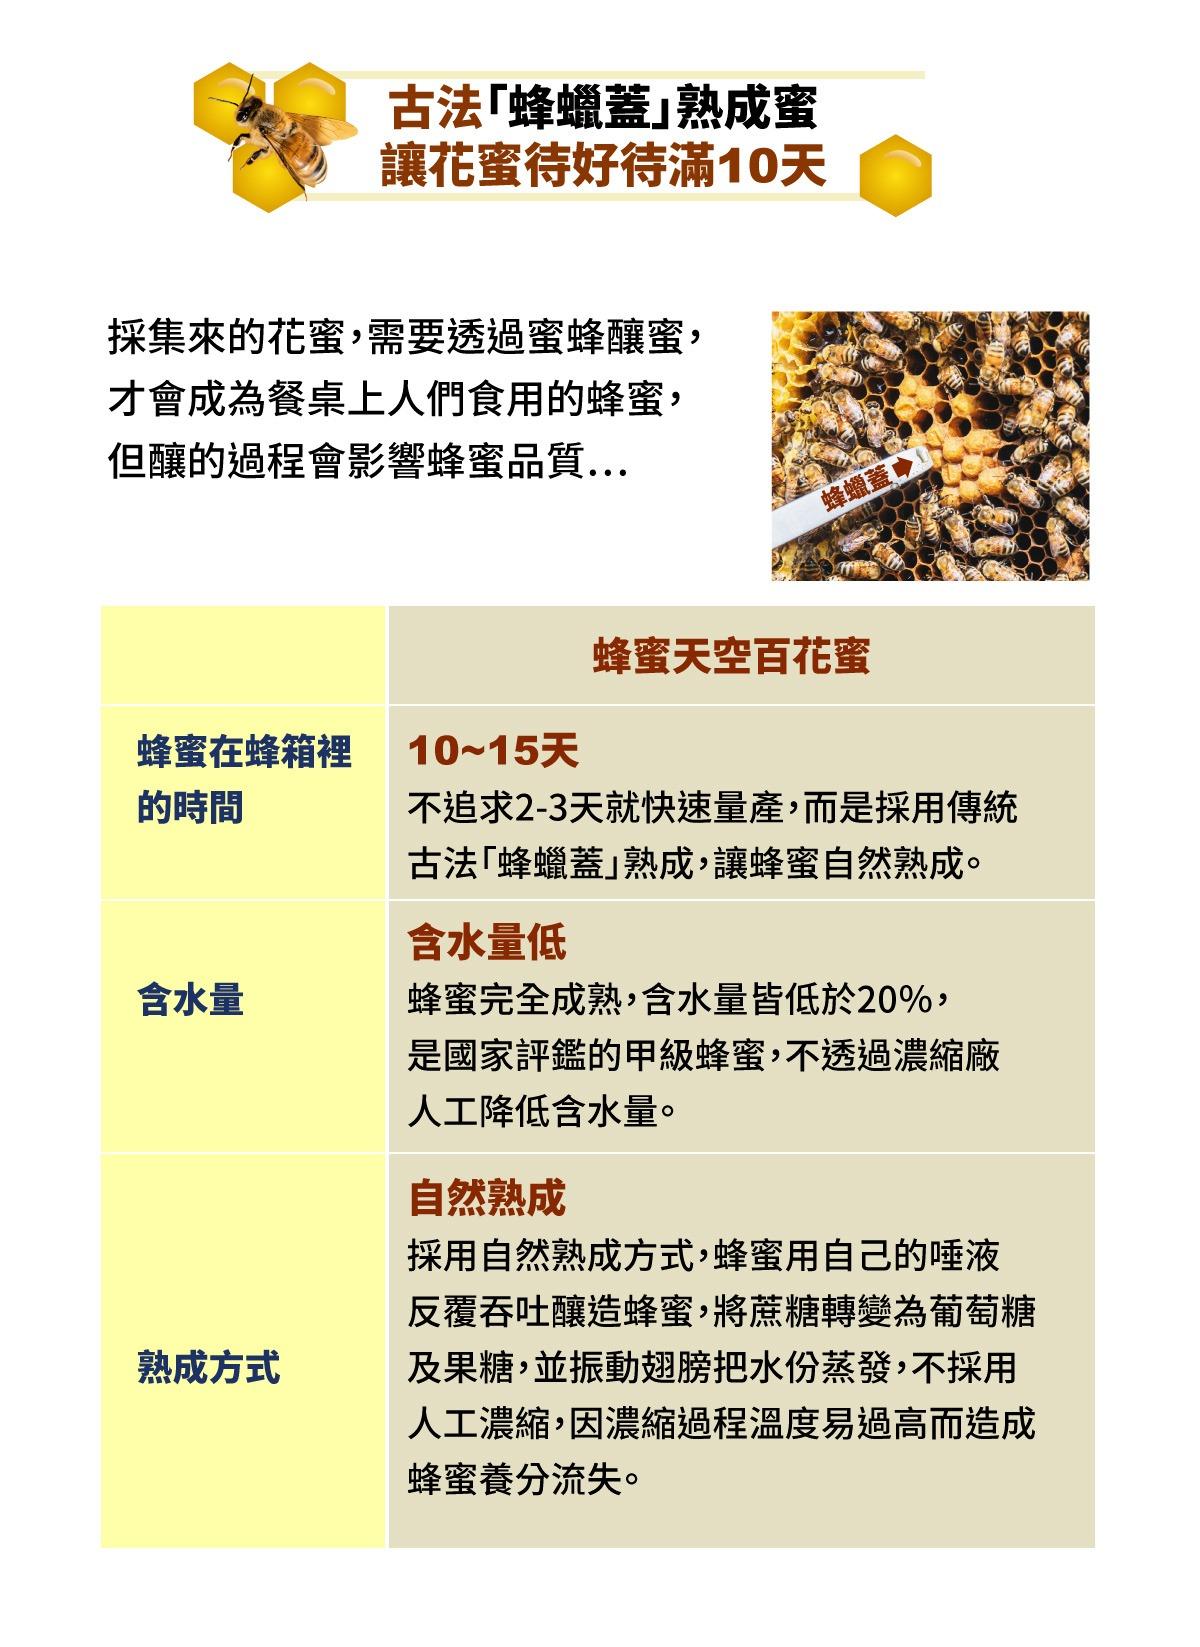 古法蜂蠟蓋熟成蜜 自然熟成 含水量低 國家評鑑甲級蜂蜜